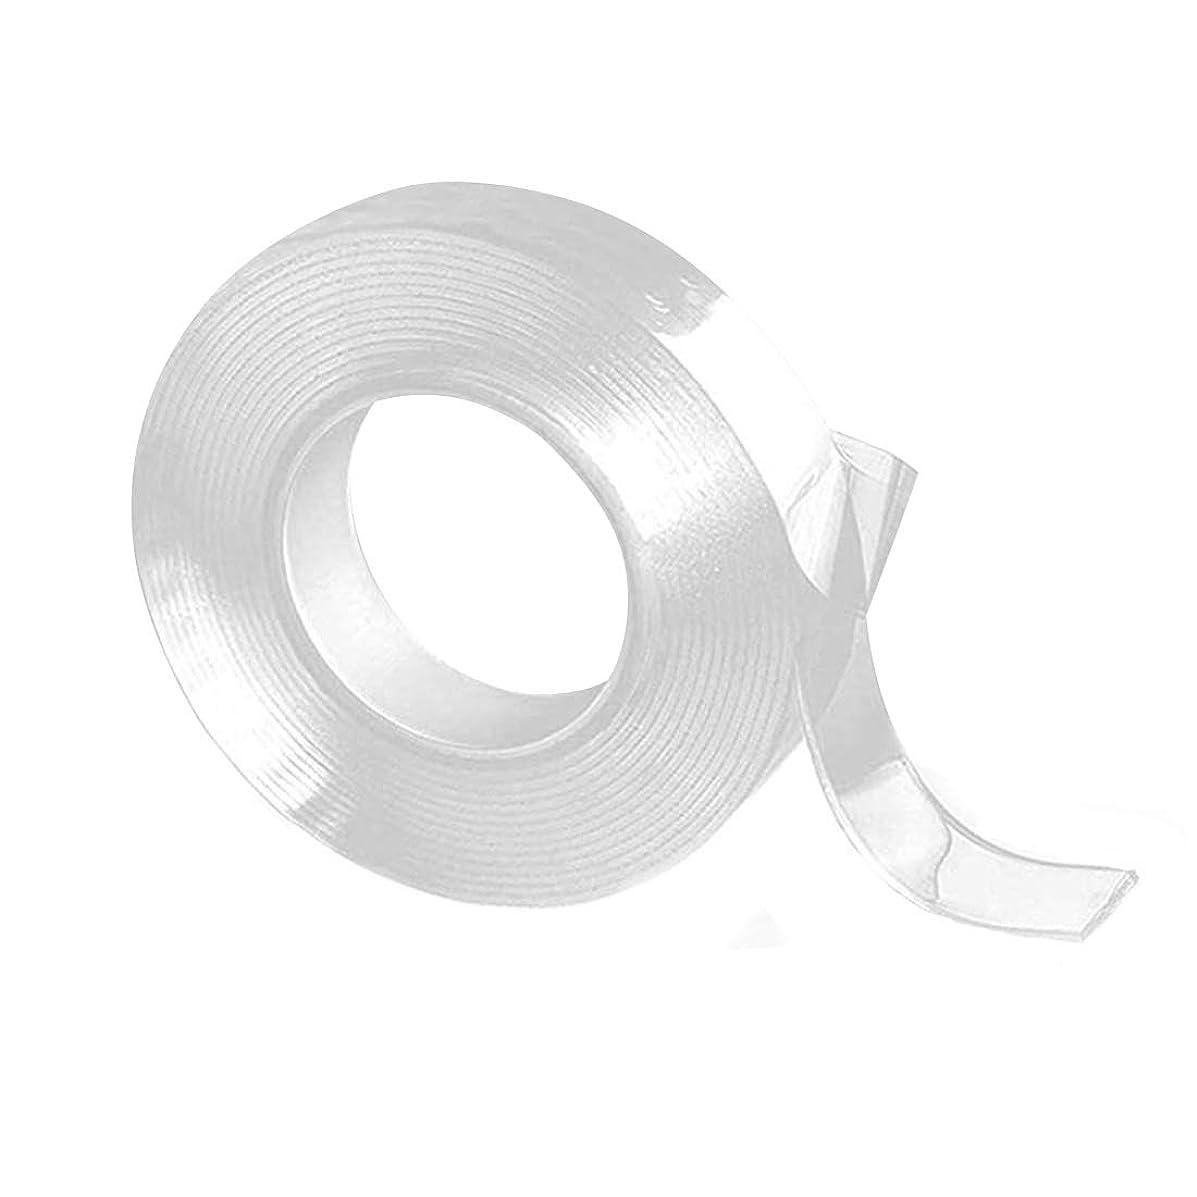 必要既に同行する1個セット 透明 防水 洗濯で繰り返し利用可能 滑り止めテープ 耐熱 粘着マット家庭 オフィス 寮両面テープ